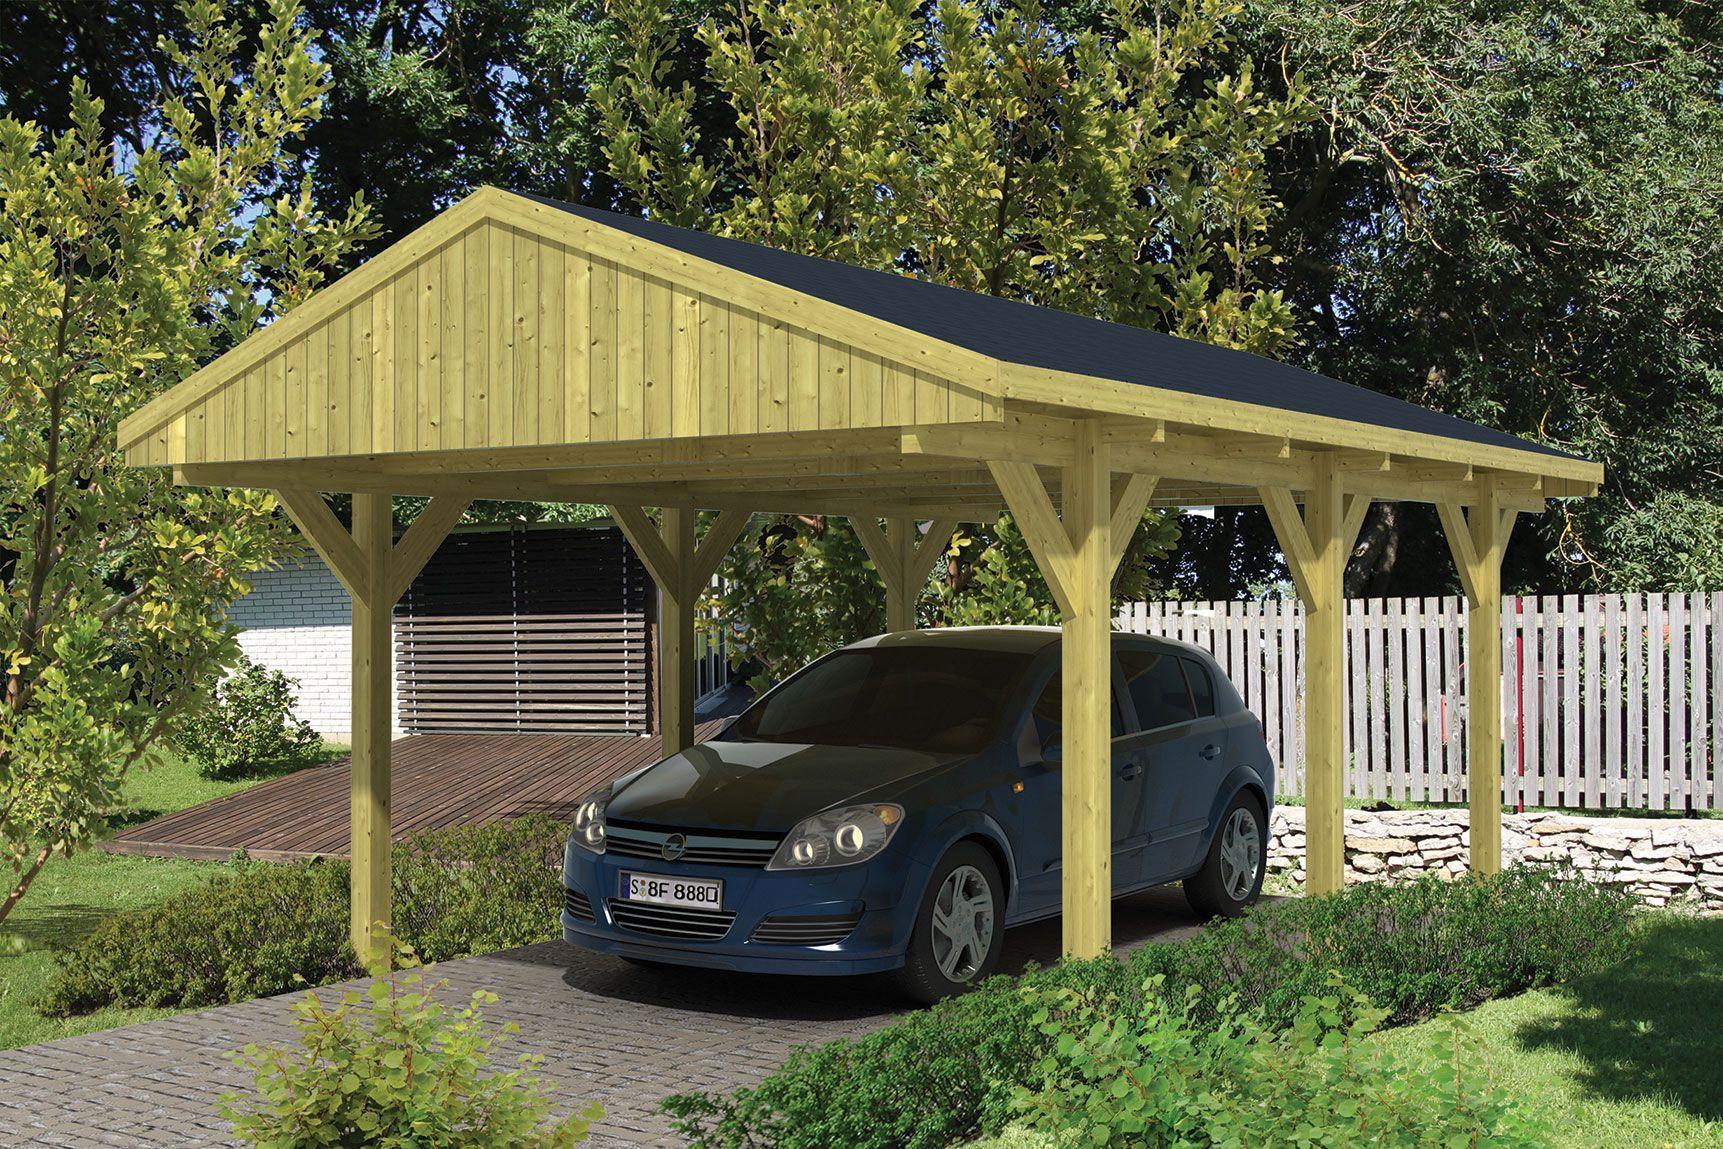 Houten Carport Zadeldak 400 x 600 cm - Gadero